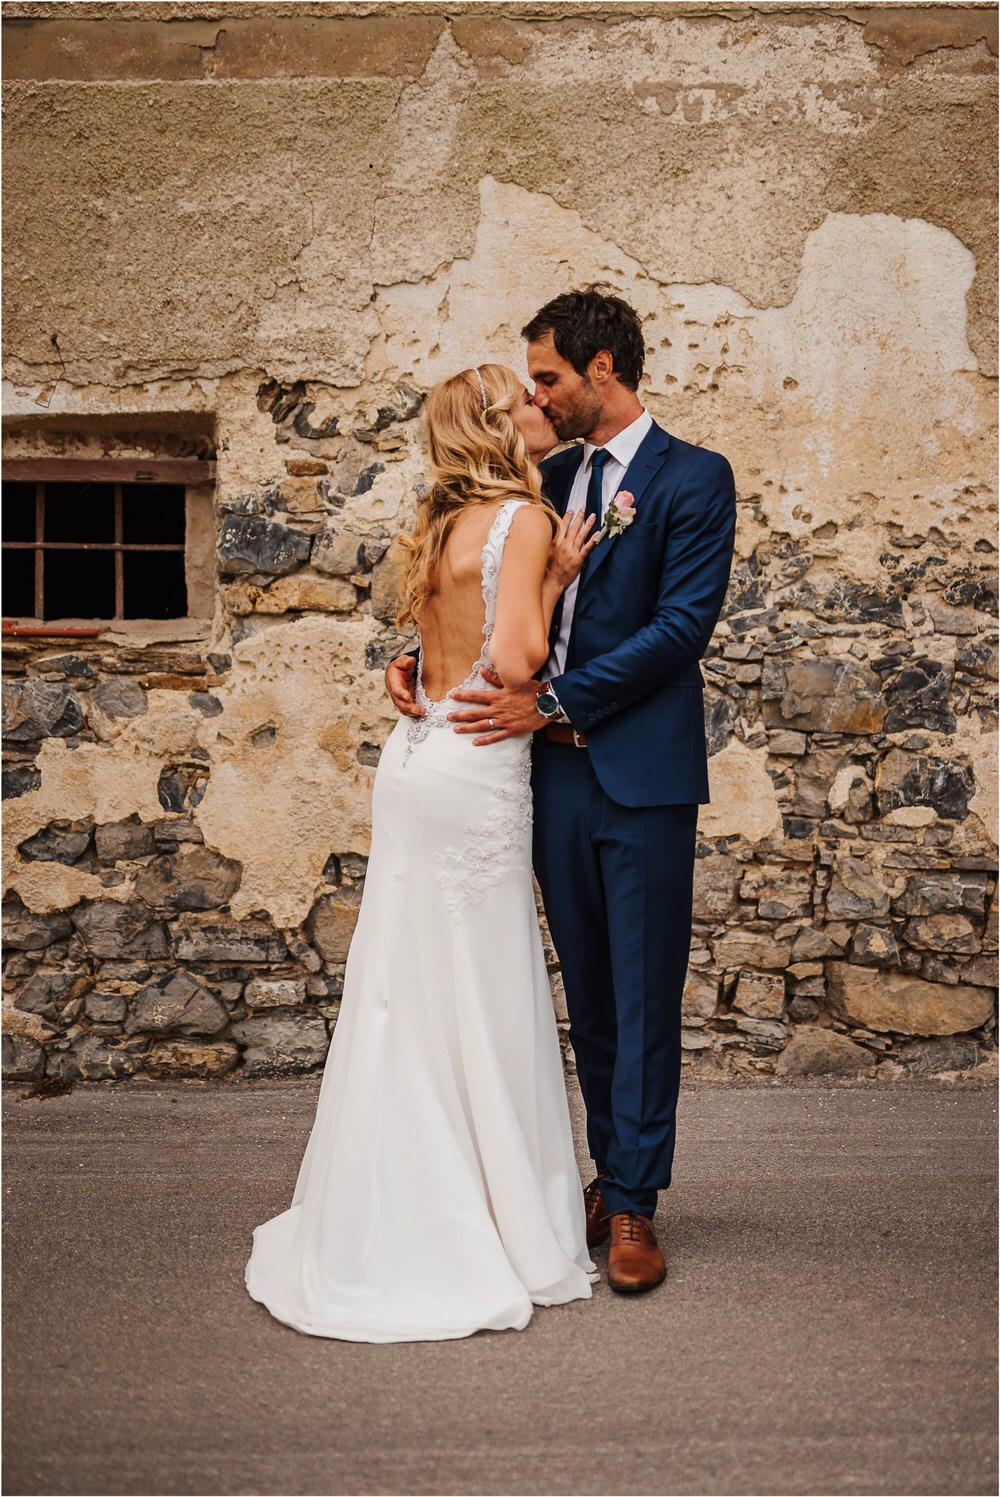 tri lucke slovenija krsko posavje poroka porocni fotograf fotografiranje elegantna poroka vinograd classy elegant wedding slovenia 0061.jpg